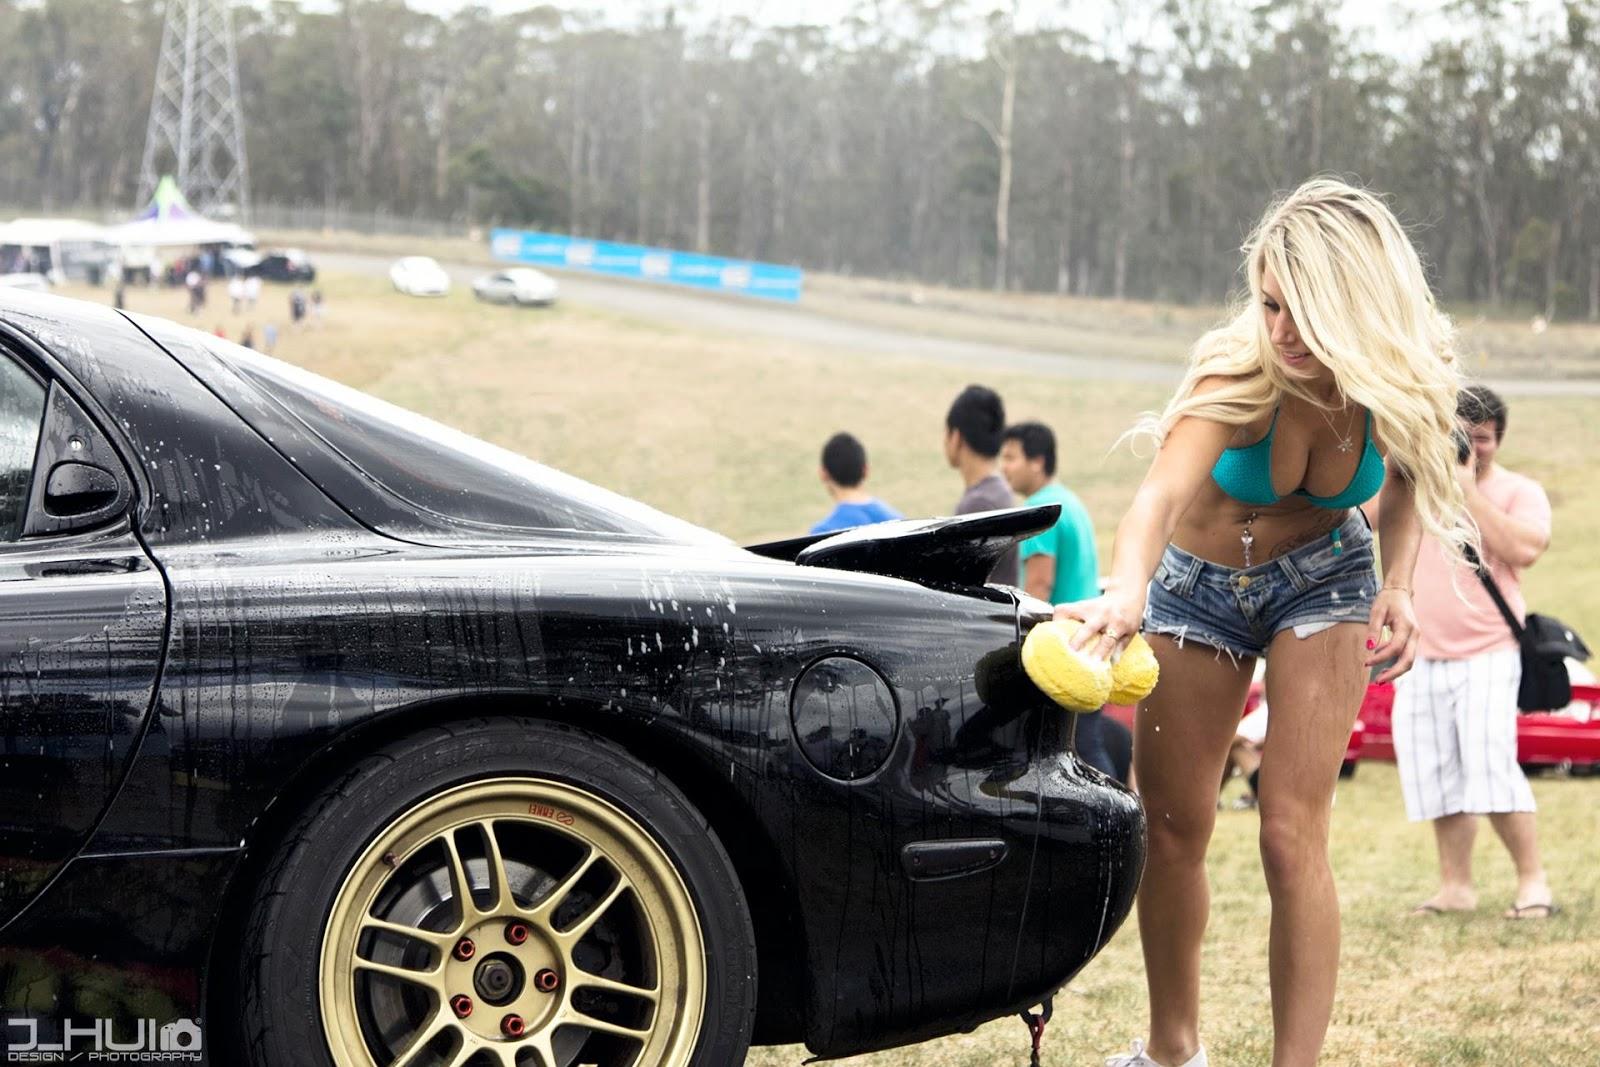 Mazda RX-7 FD, fotki dziewczyn z samochodami, bikini, blondynka, złote felgi, jdm, sportowy samochód, wankel, rotary